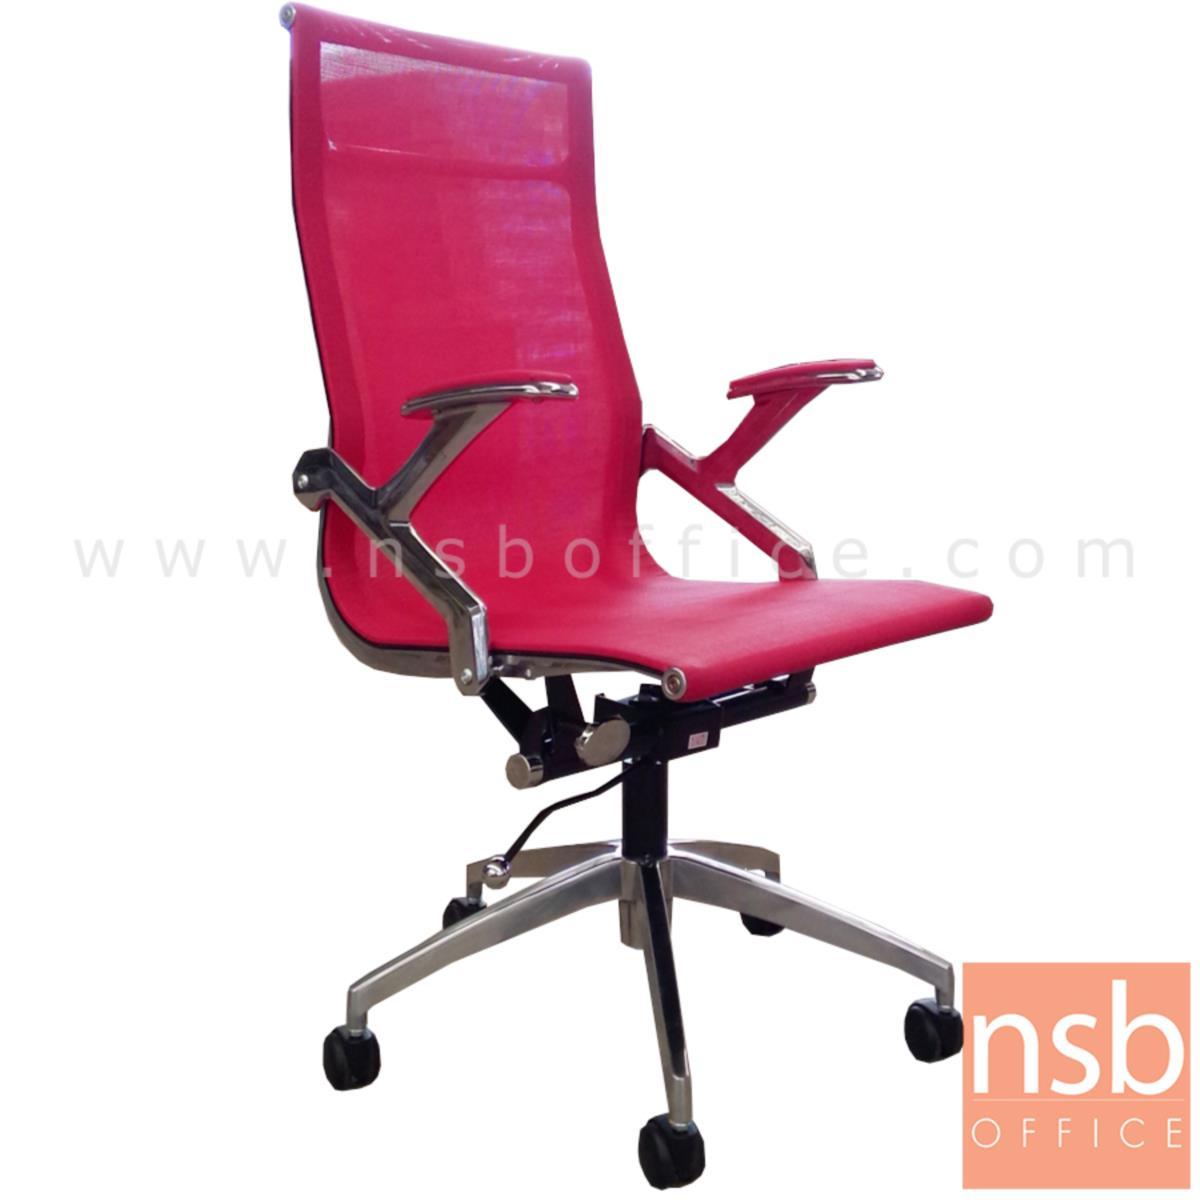 B24A144 :เก้าอี้ผู้บริหารหลังเน็ต รุ่น JR-613W  โช๊คแก๊ส มีก้อนโยก ขาอลูมิเนียม